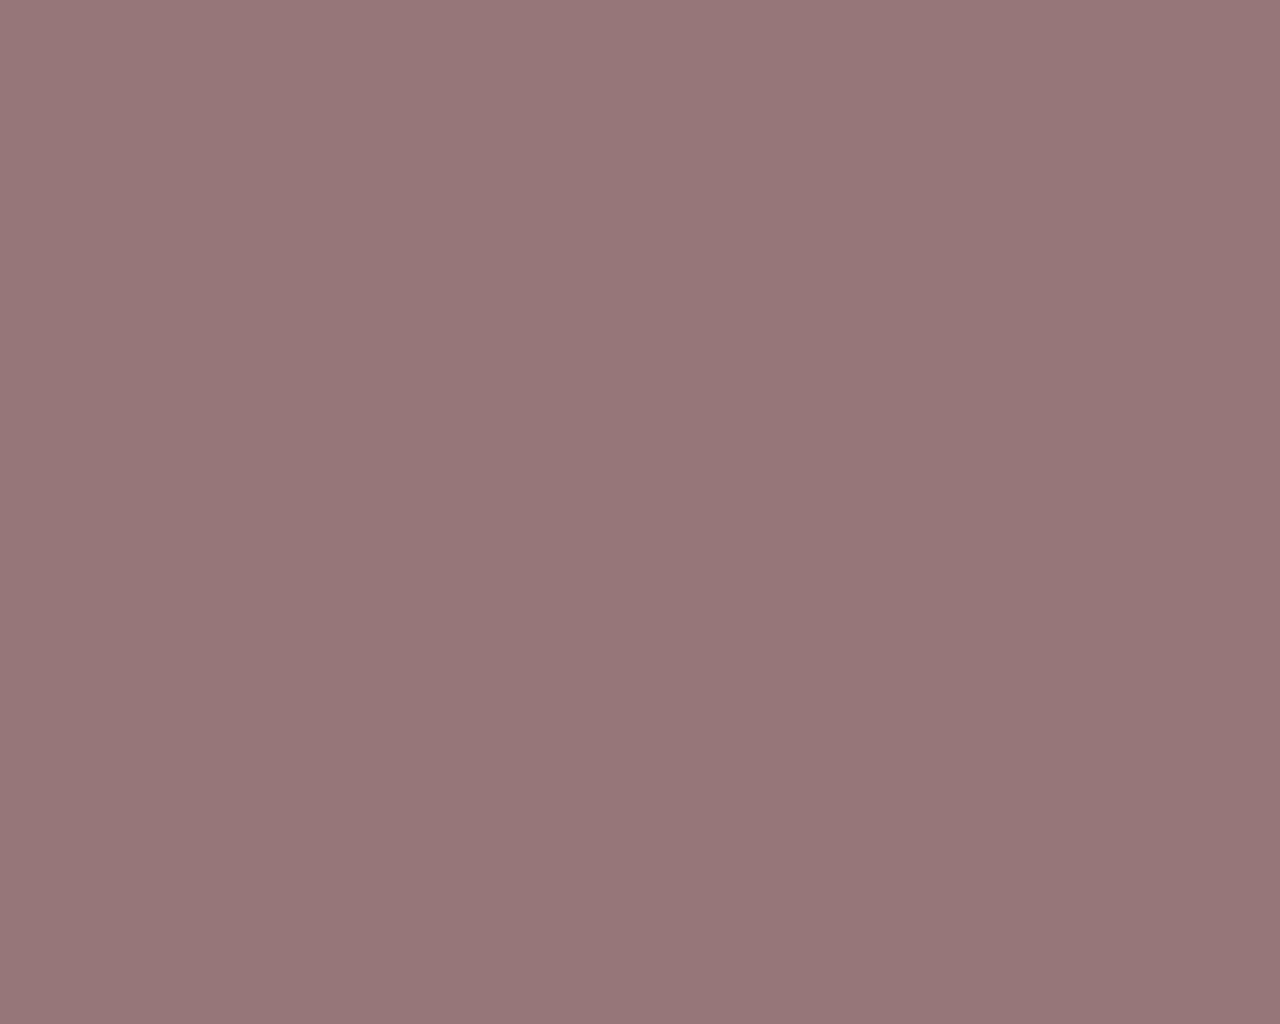 1280x1024 Bazaar Solid Color Background